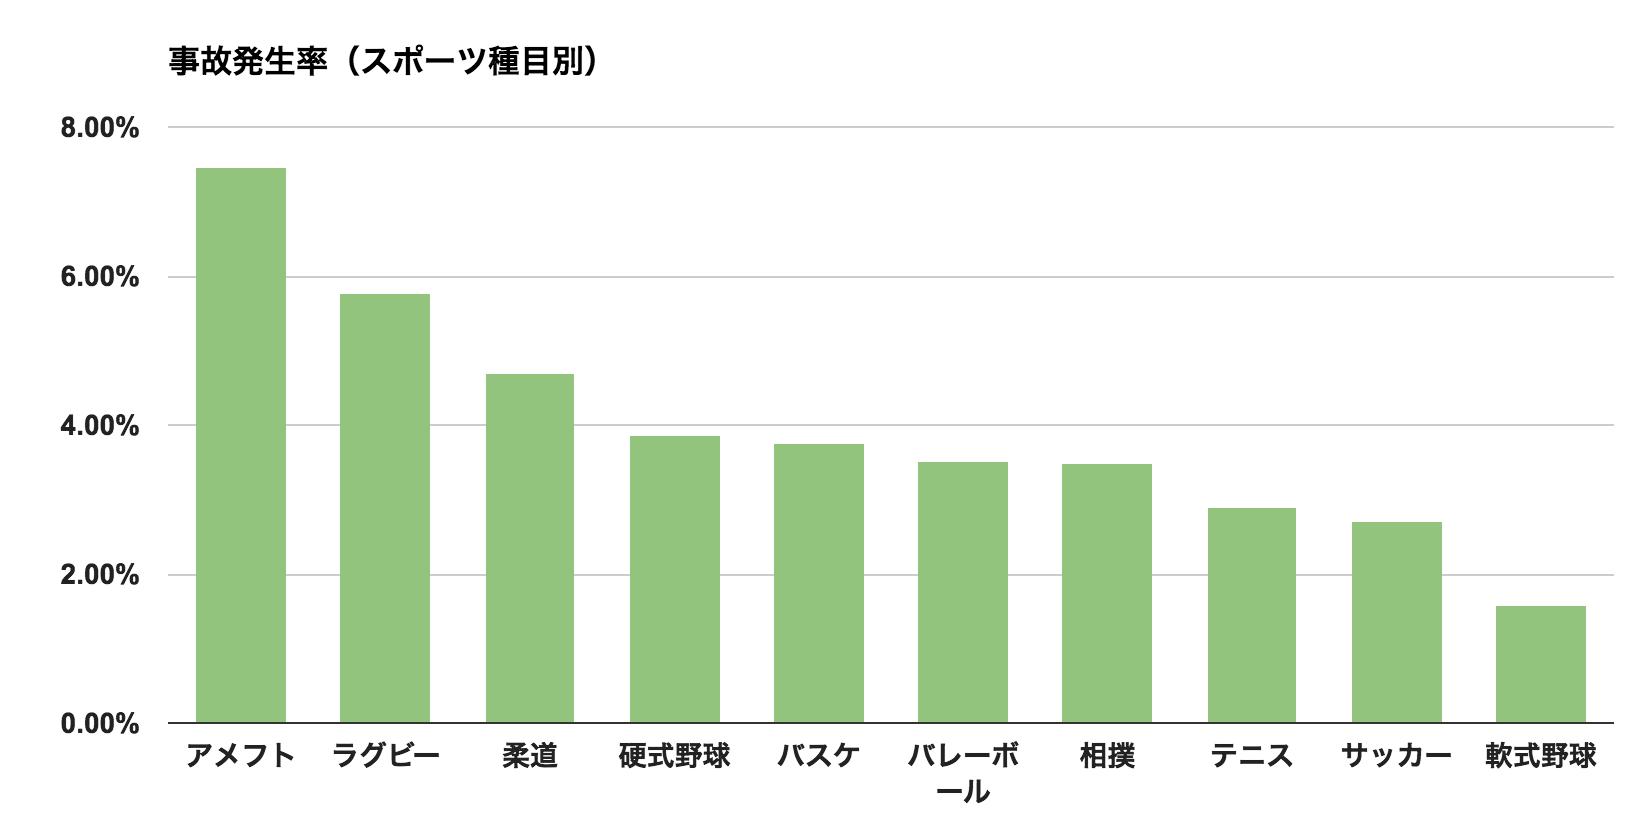 アメフト怪我率のグラフ